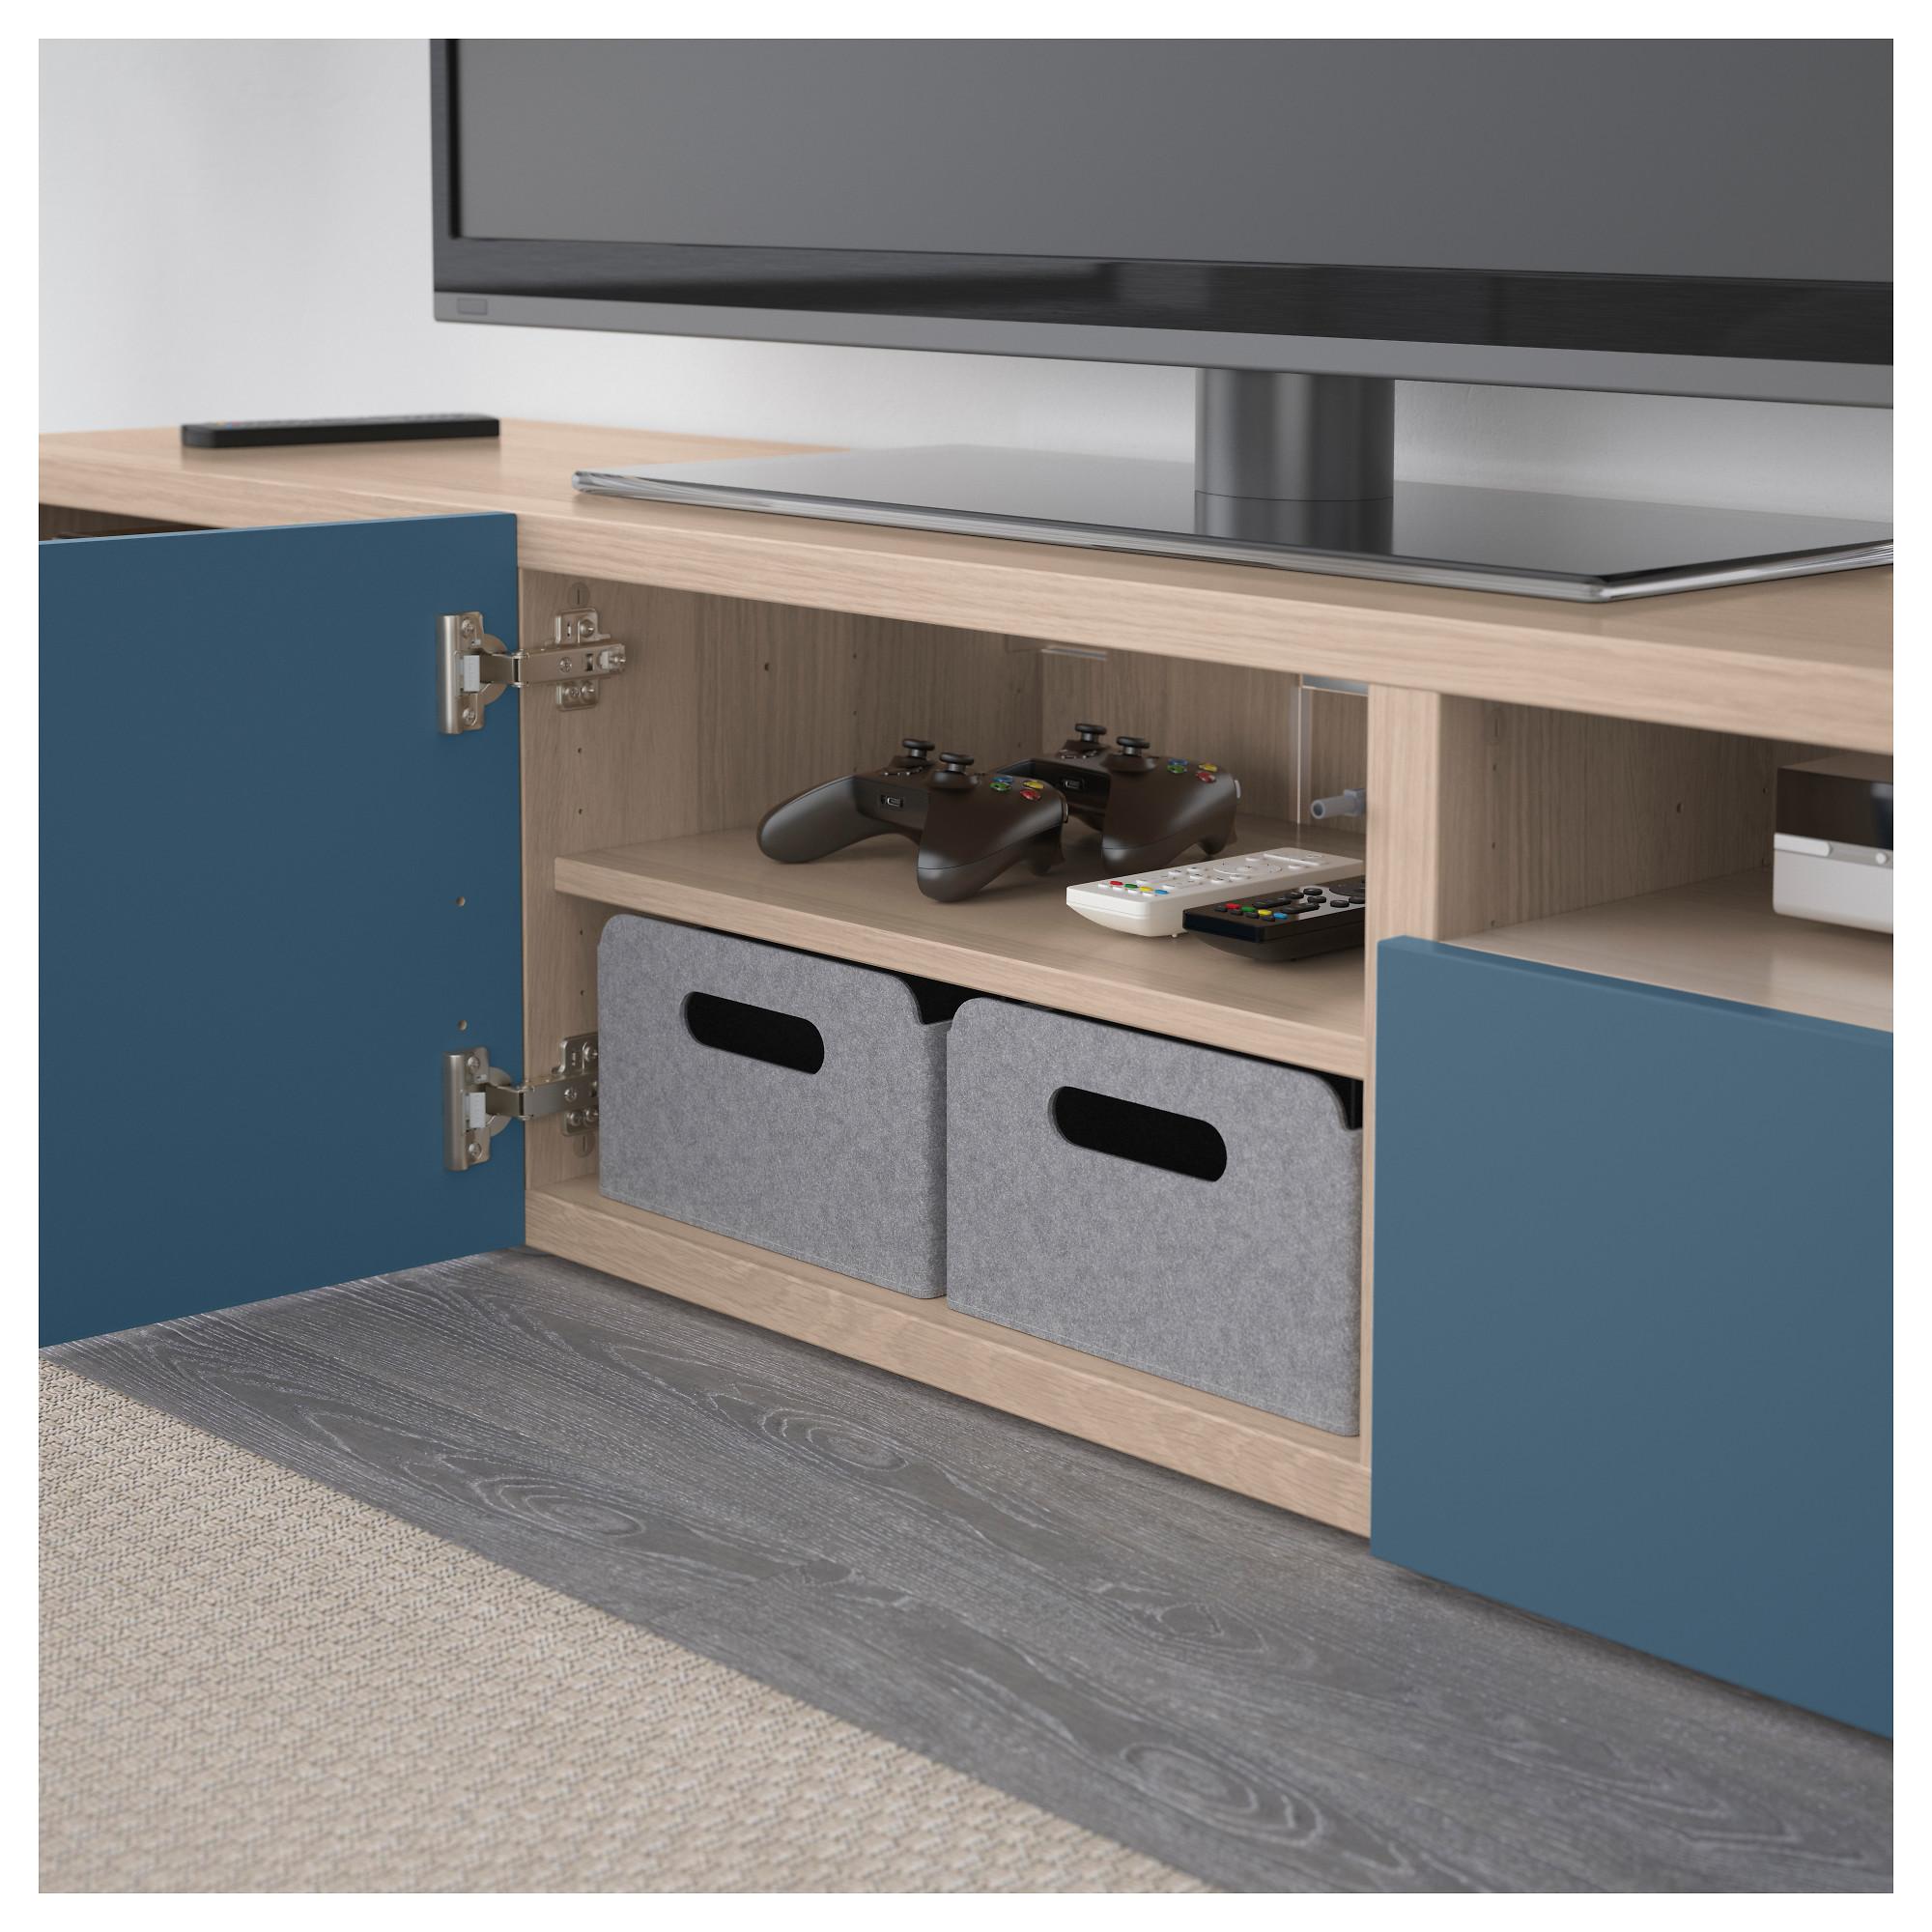 Тумба для ТВ с ящиками БЕСТО темно-синий артикуль № 692.503.36 в наличии. Онлайн сайт IKEA РБ. Недорогая доставка и соборка.